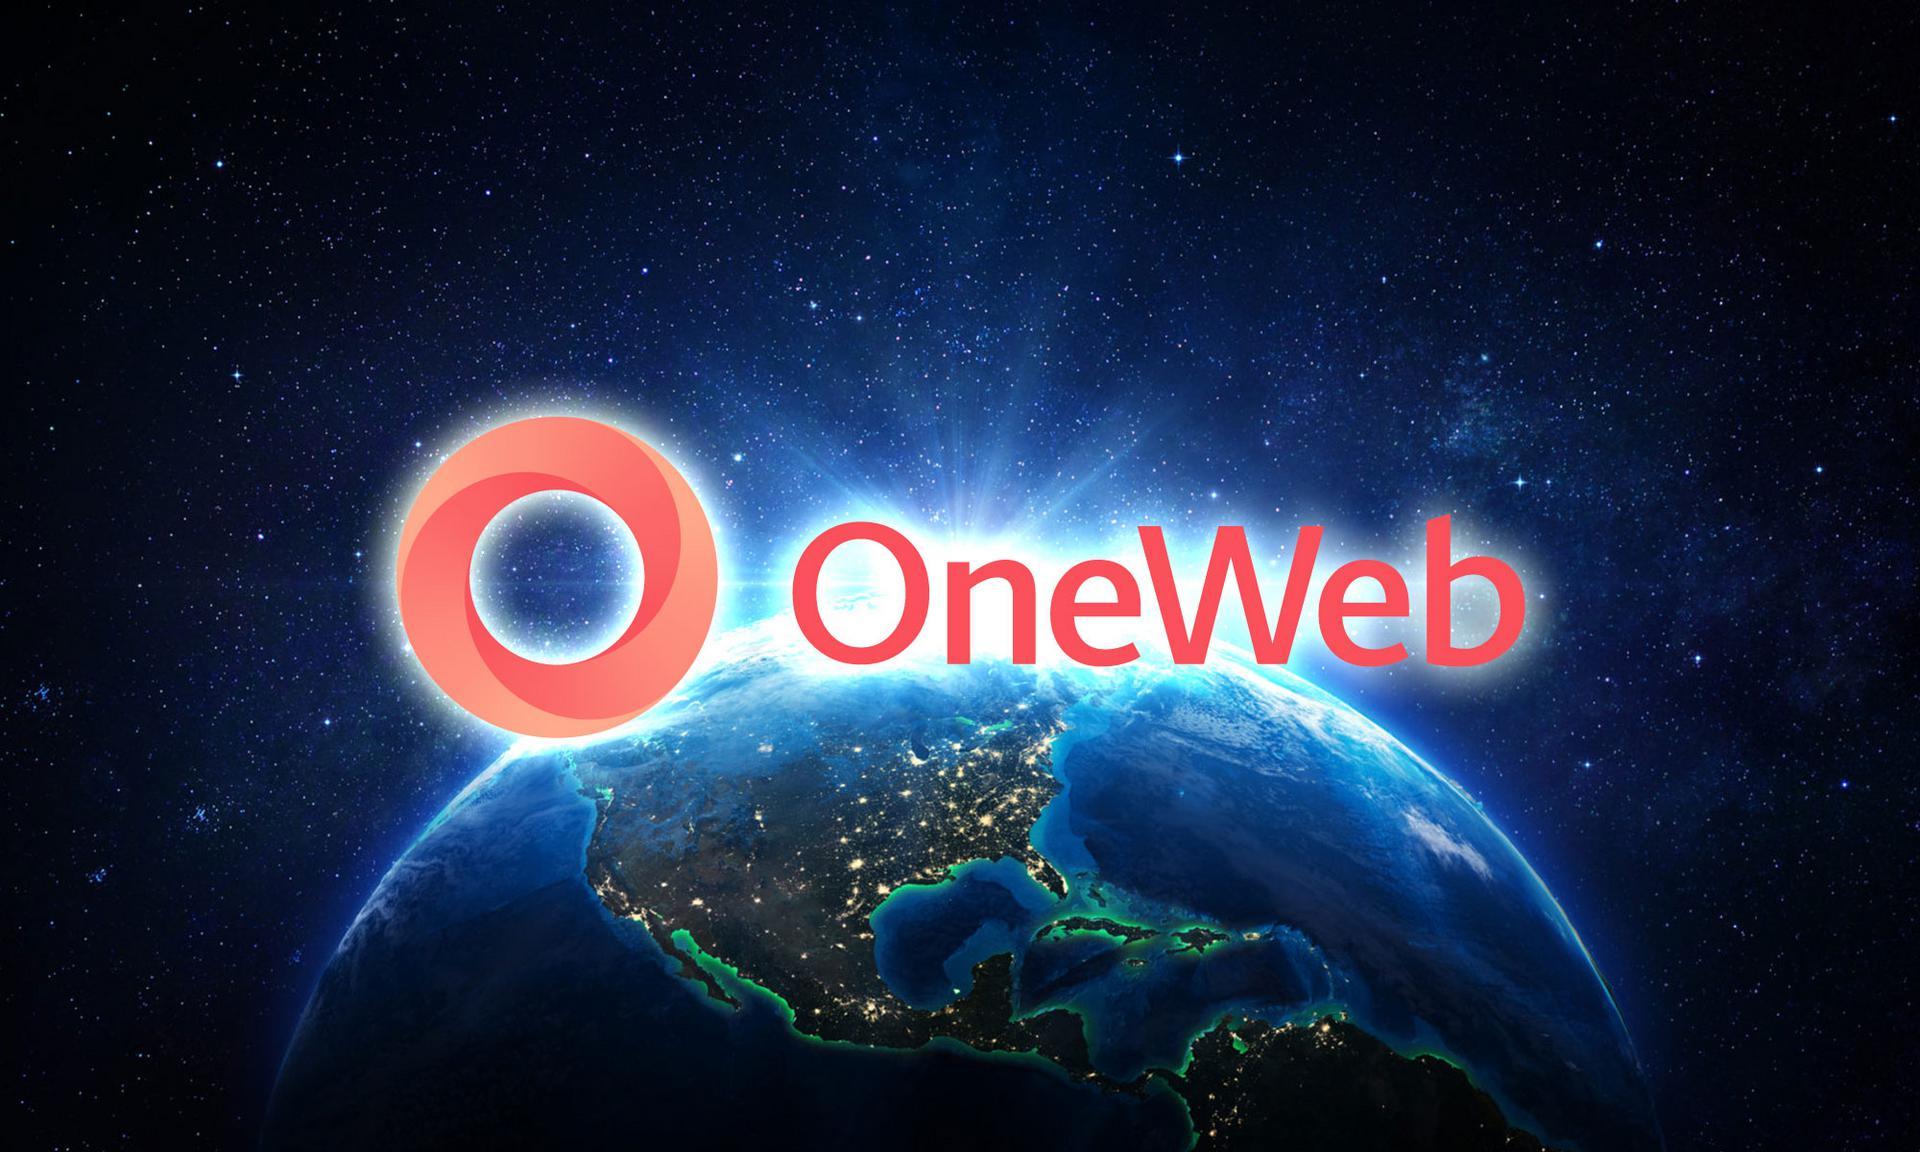 Запуски спутников OneWeb возобновятся в конце 2020 г.